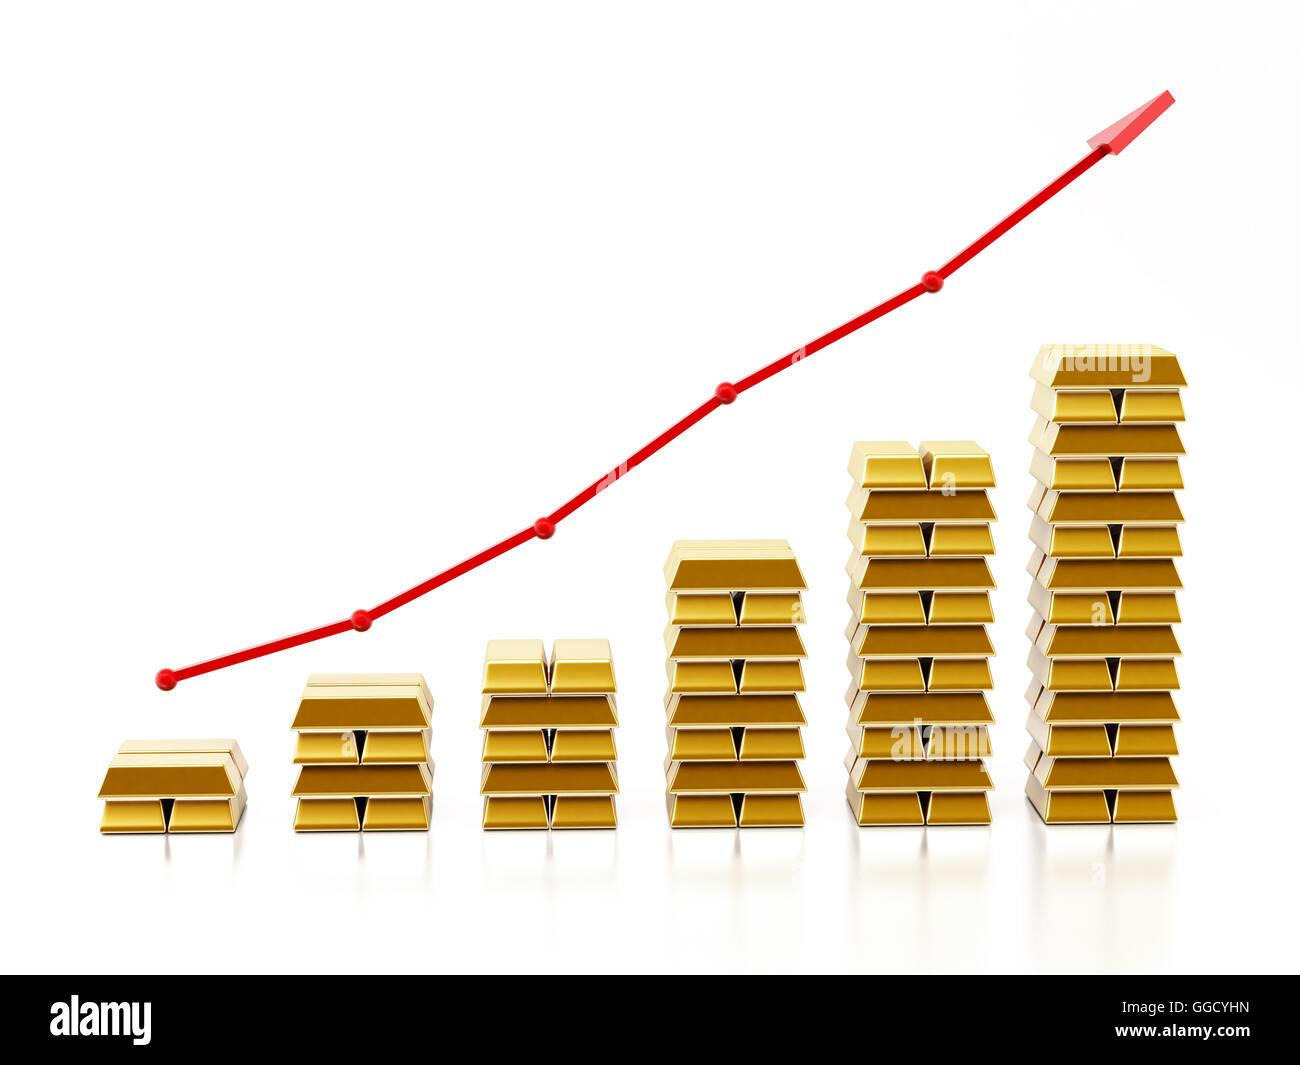 Roter Pfeil oben Goldbarren. Steigende Goldpreise Konzept. 3D Illustration. Stockbild